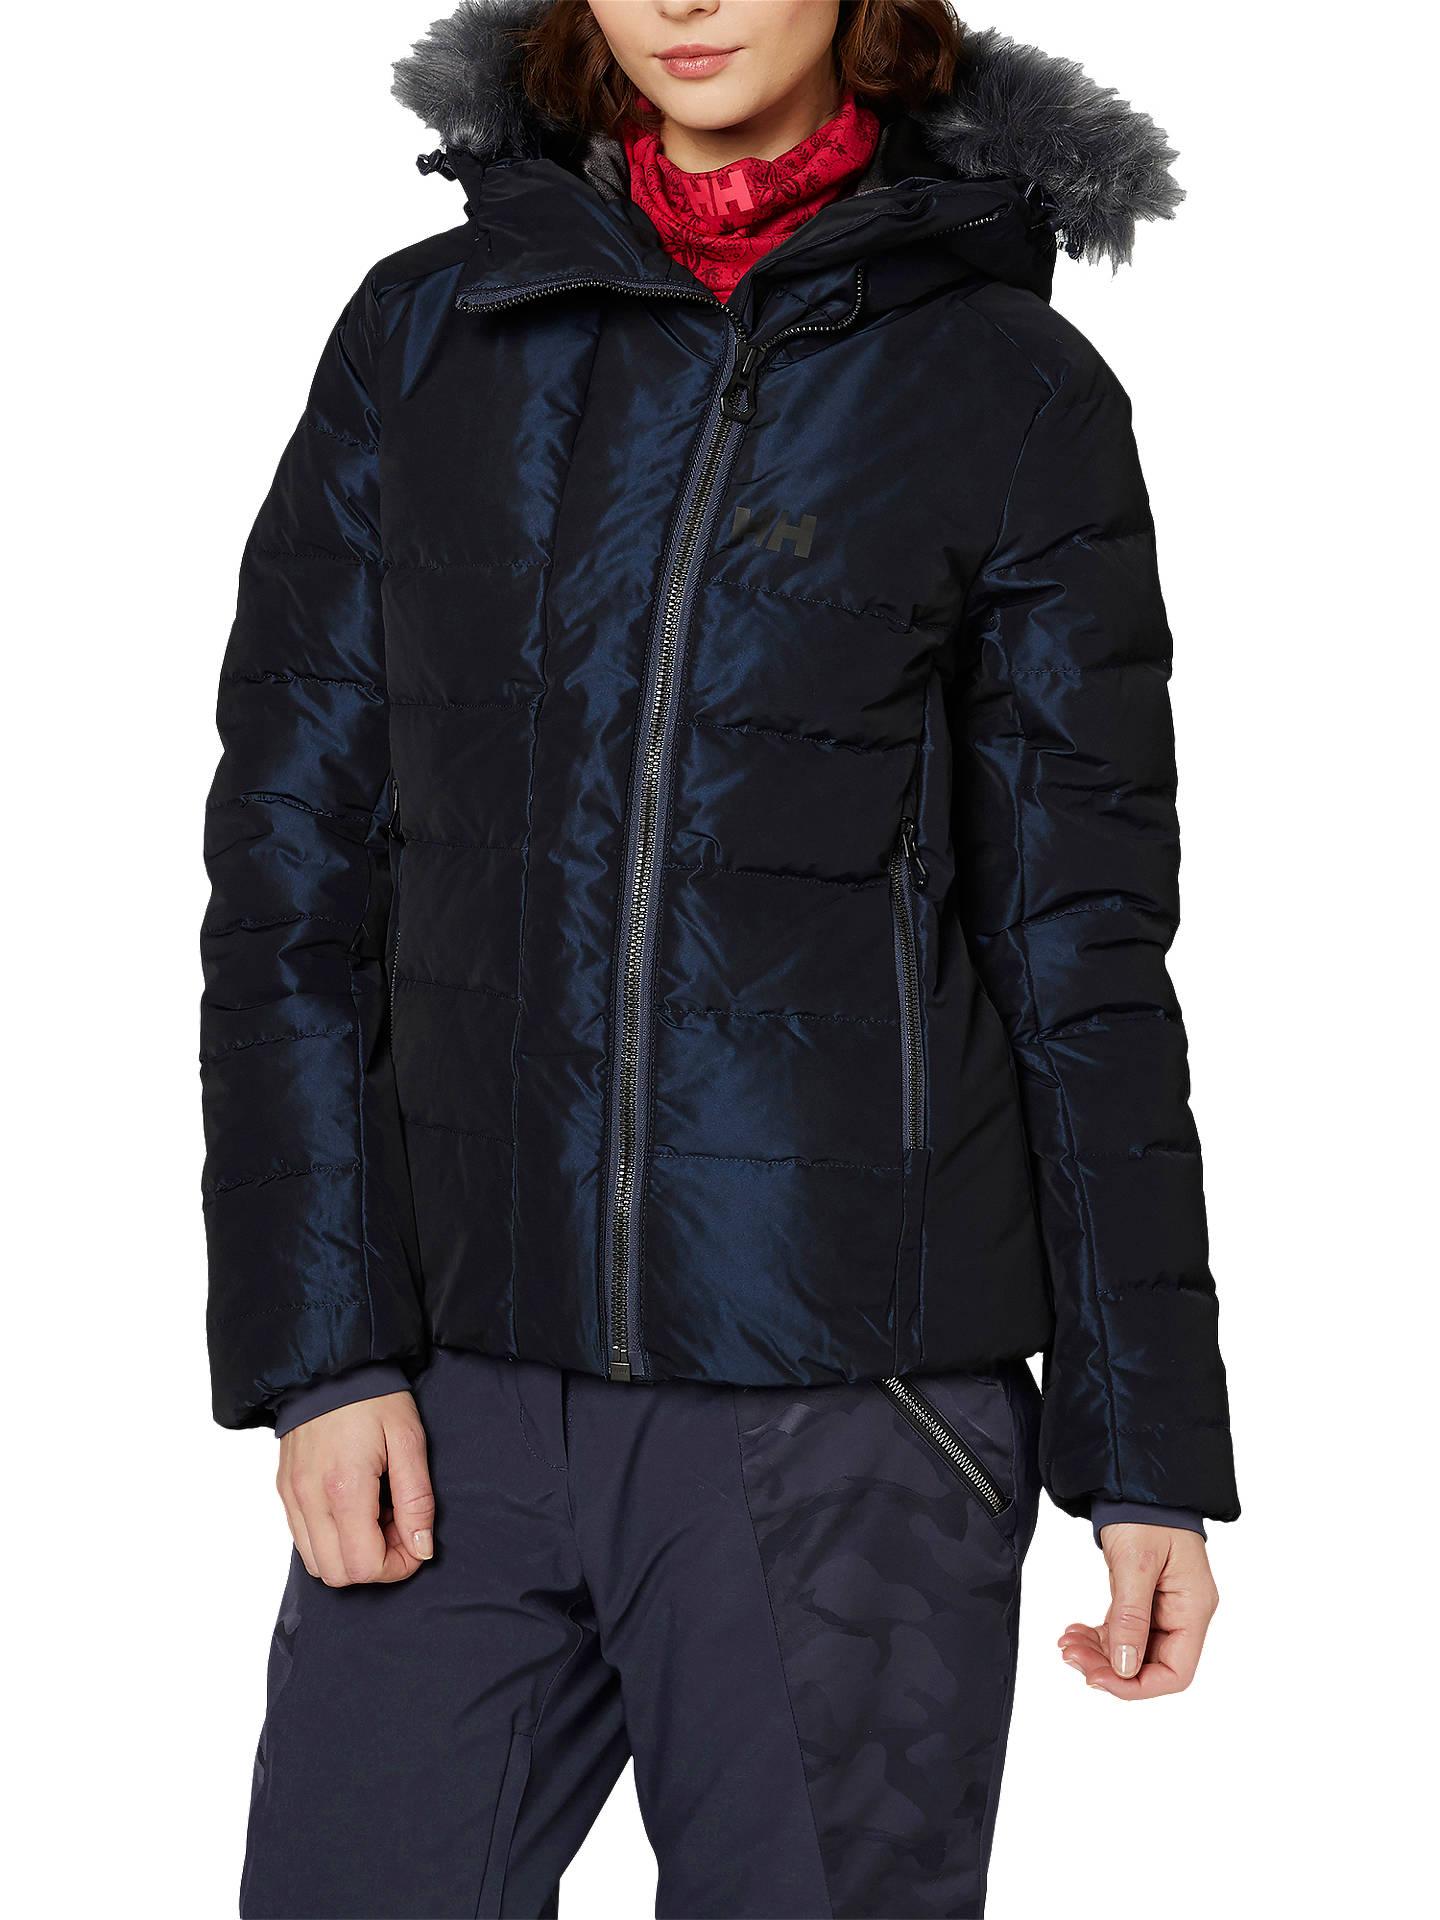 BuyHelly Hansen Primerose Women s Ski Jacket 43d069d7f